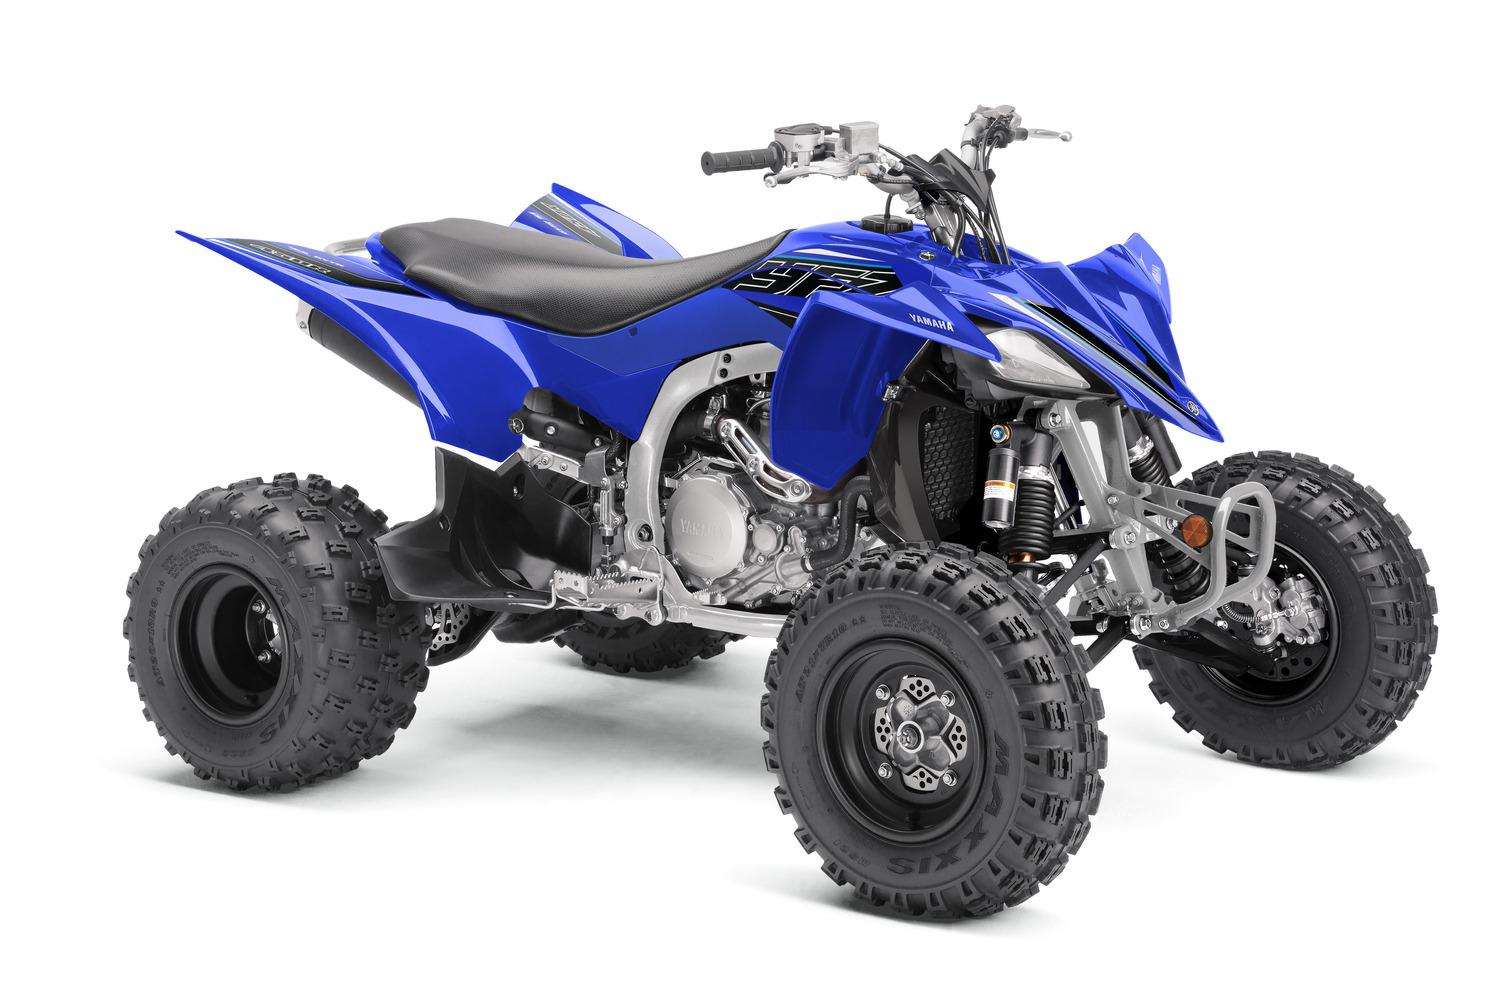 2021 Yamaha YFZ450R (1)